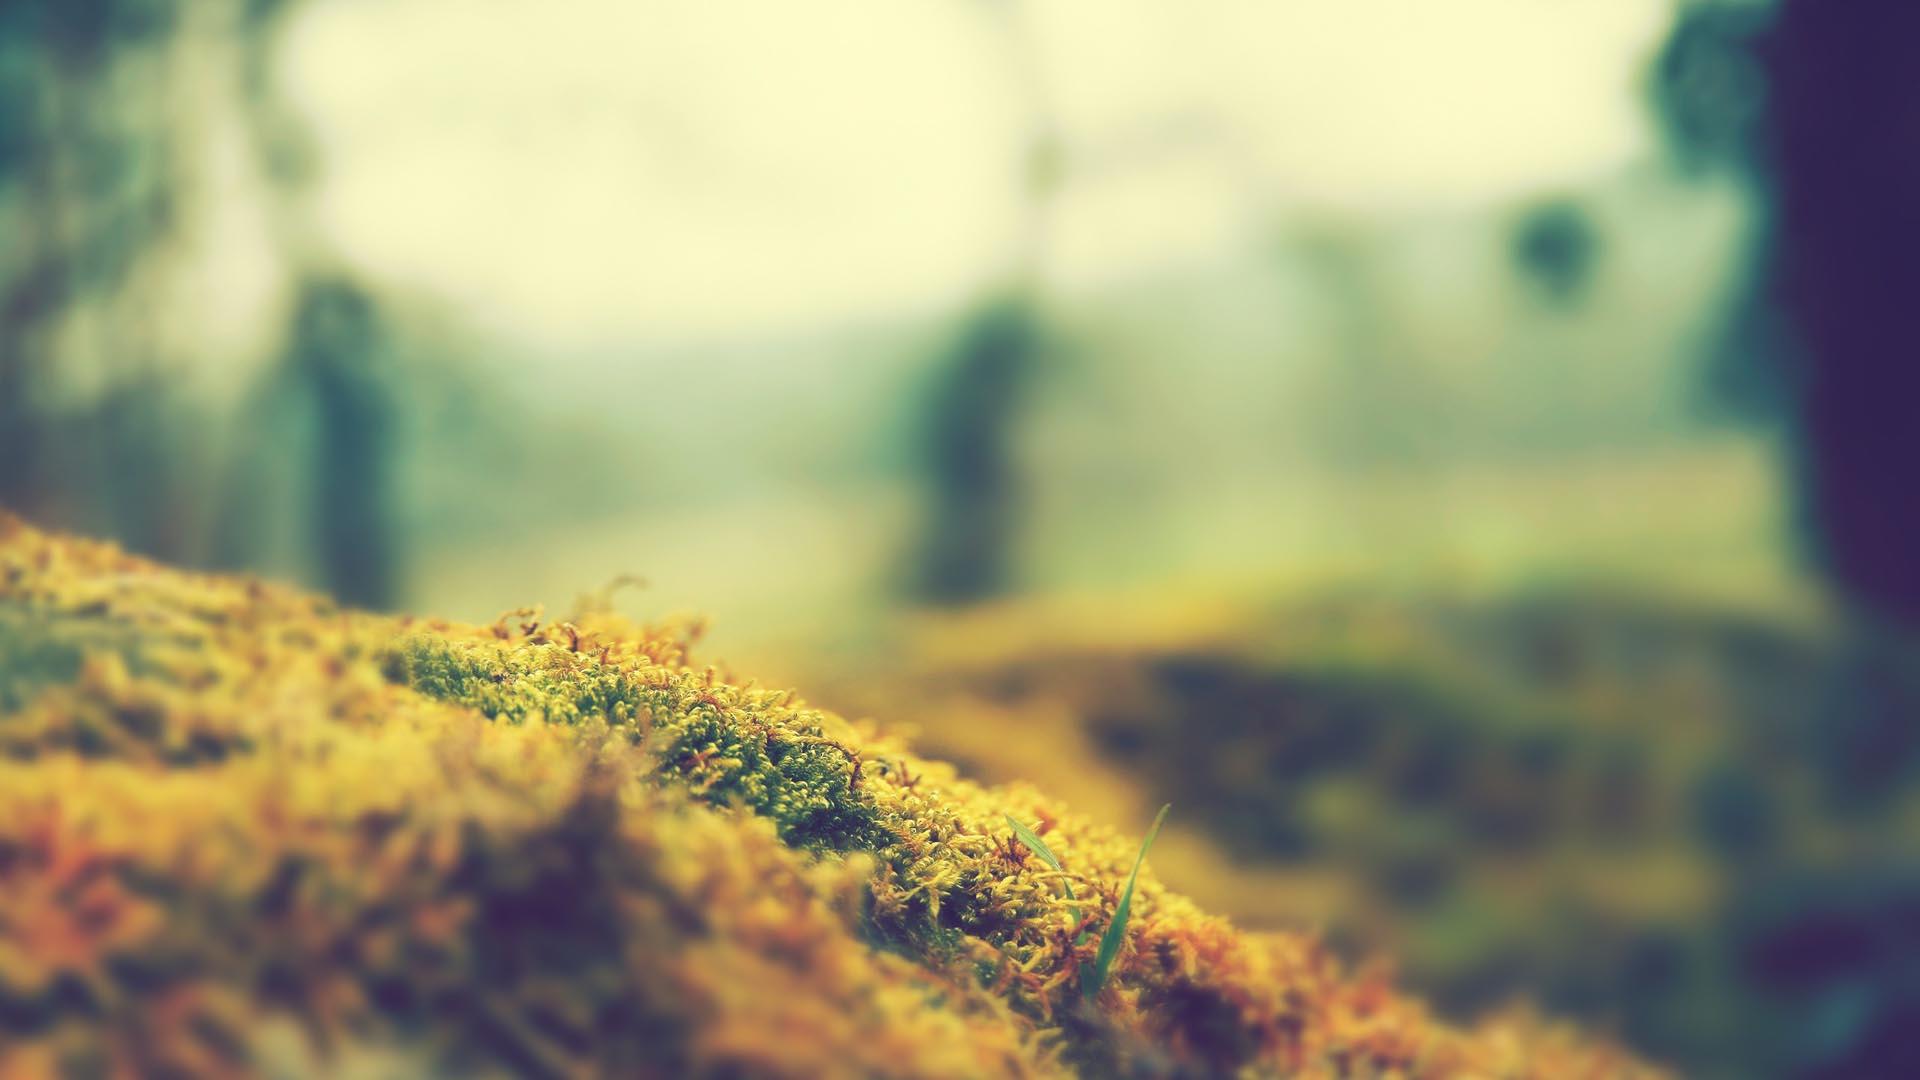 moss wallpaper A2